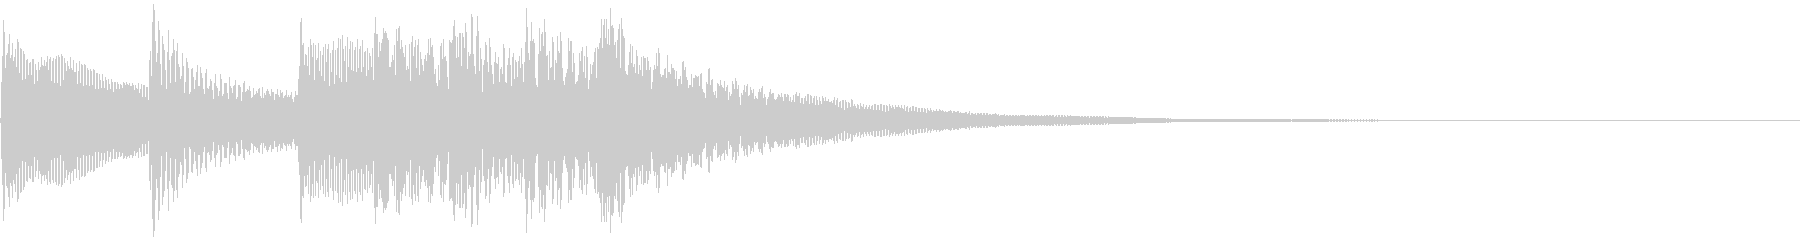 不愉快な効果音の未再生の波形